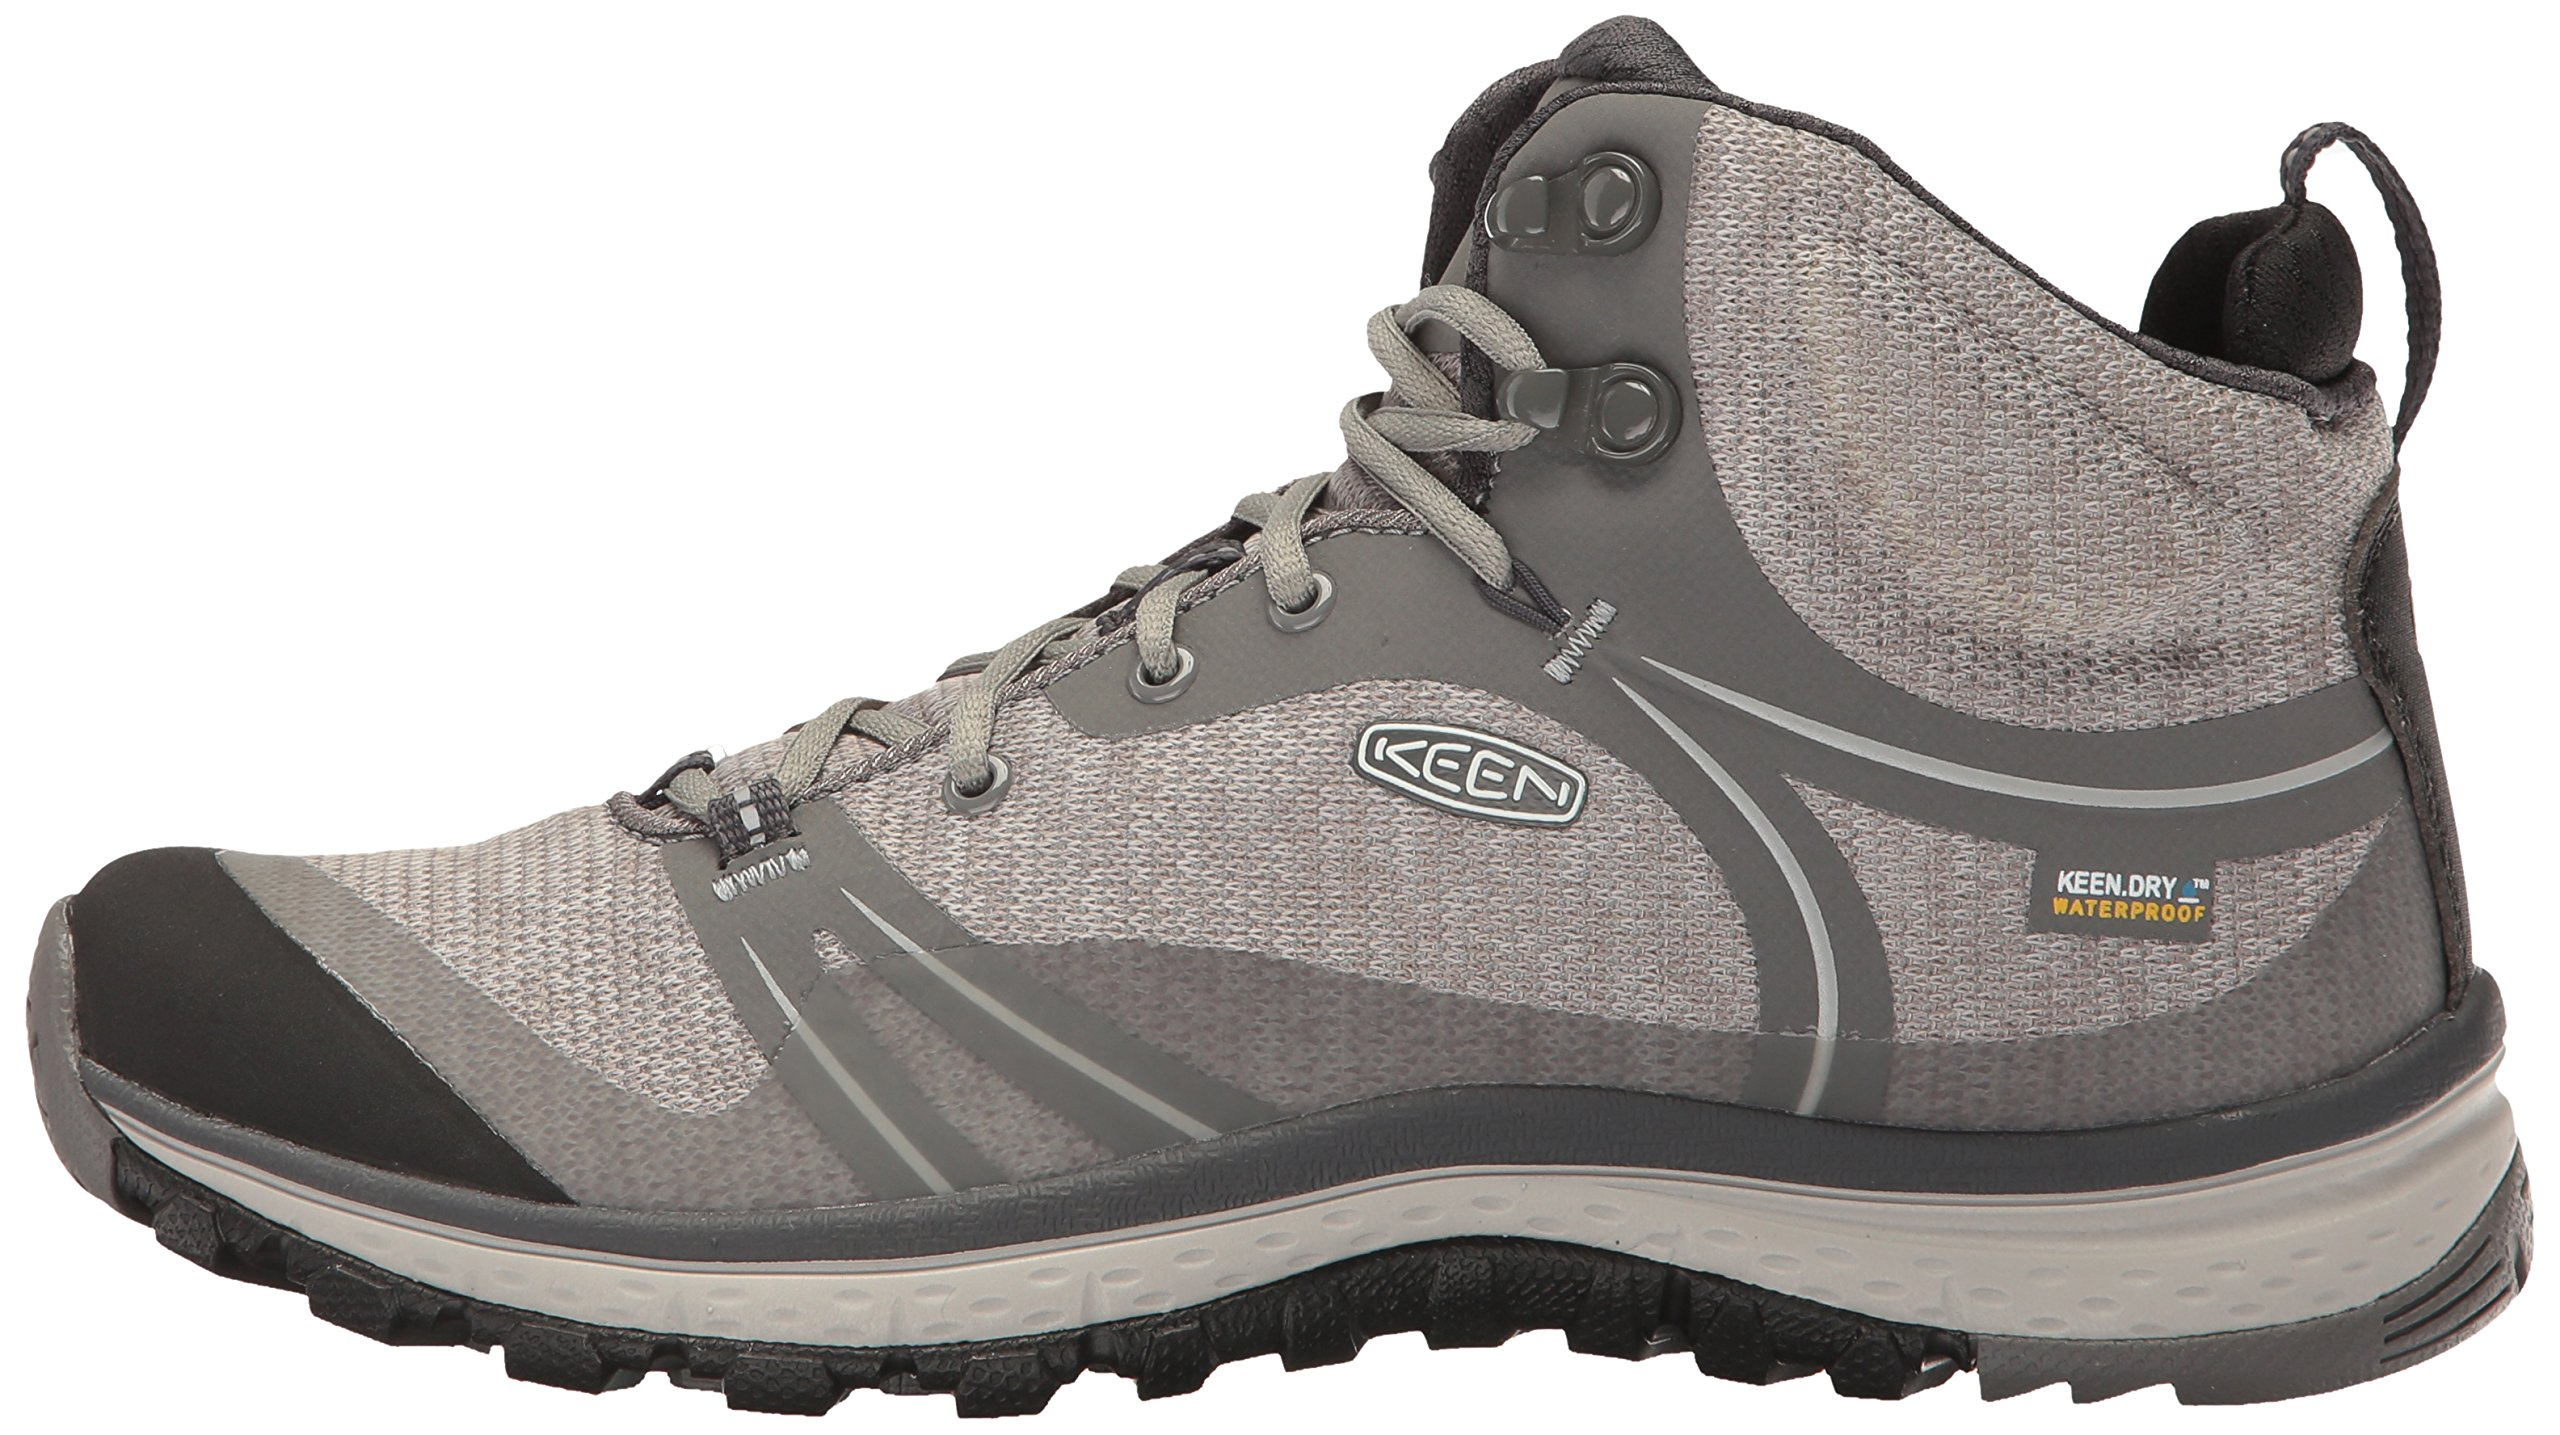 KEEN Women's Terradora Mid Waterproof Hiking Shoe, Gargoyle/Magnet, 9 M US by KEEN (Image #5)